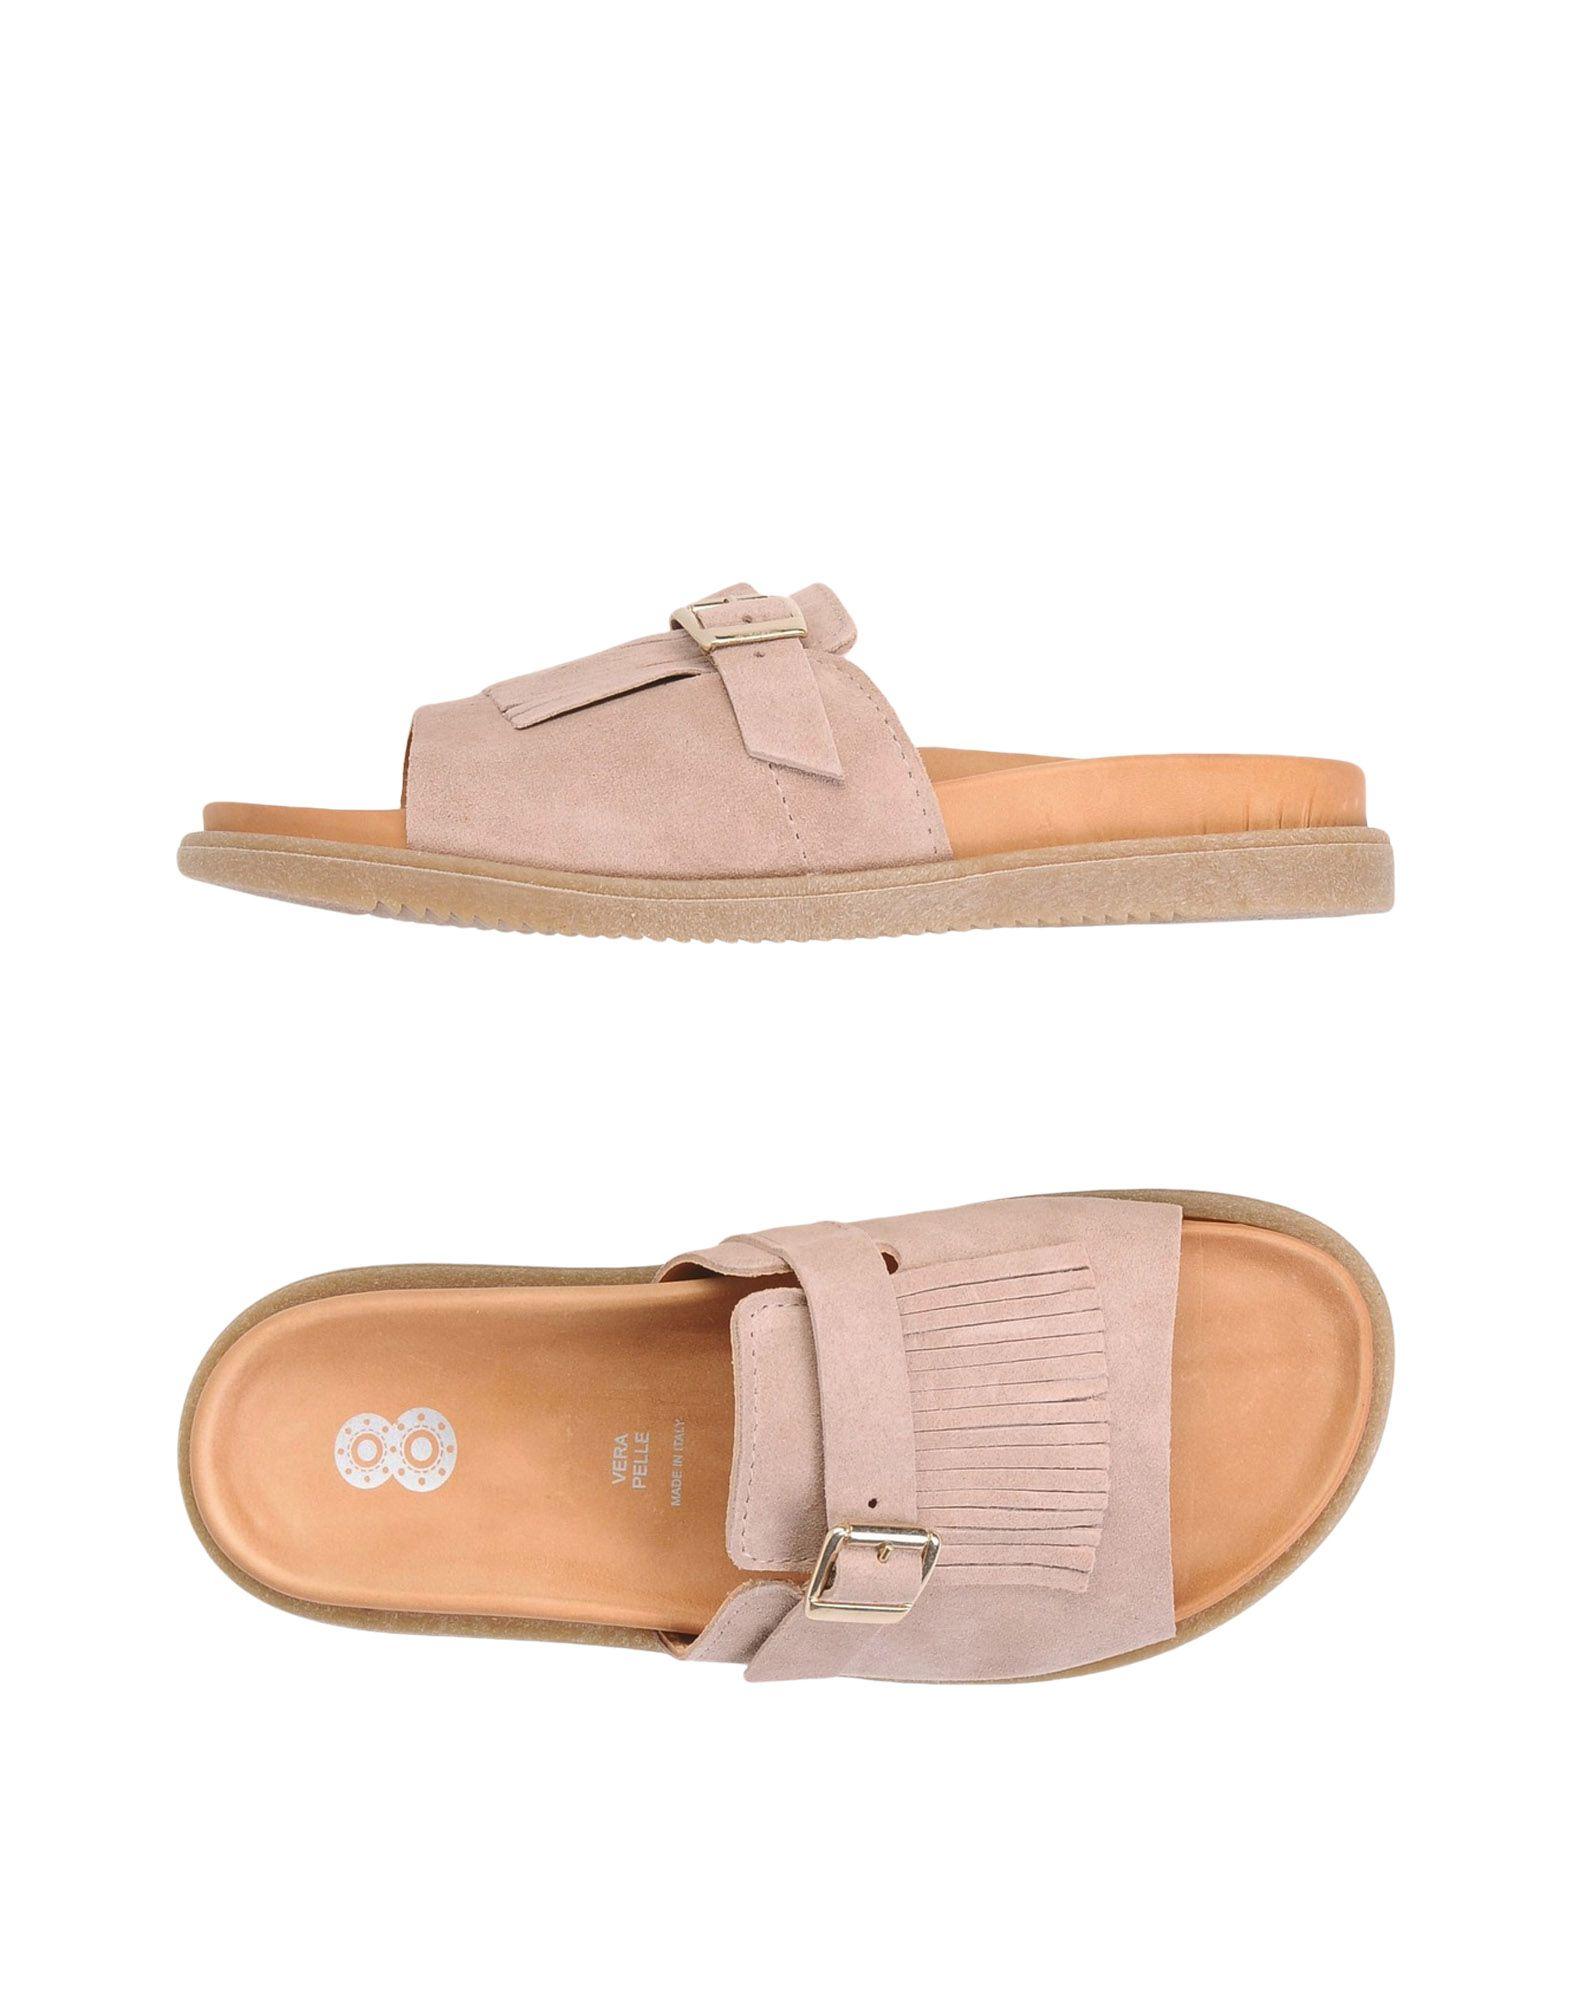 8 Sandalen Damen  11466665QU Gute Qualität beliebte Schuhe